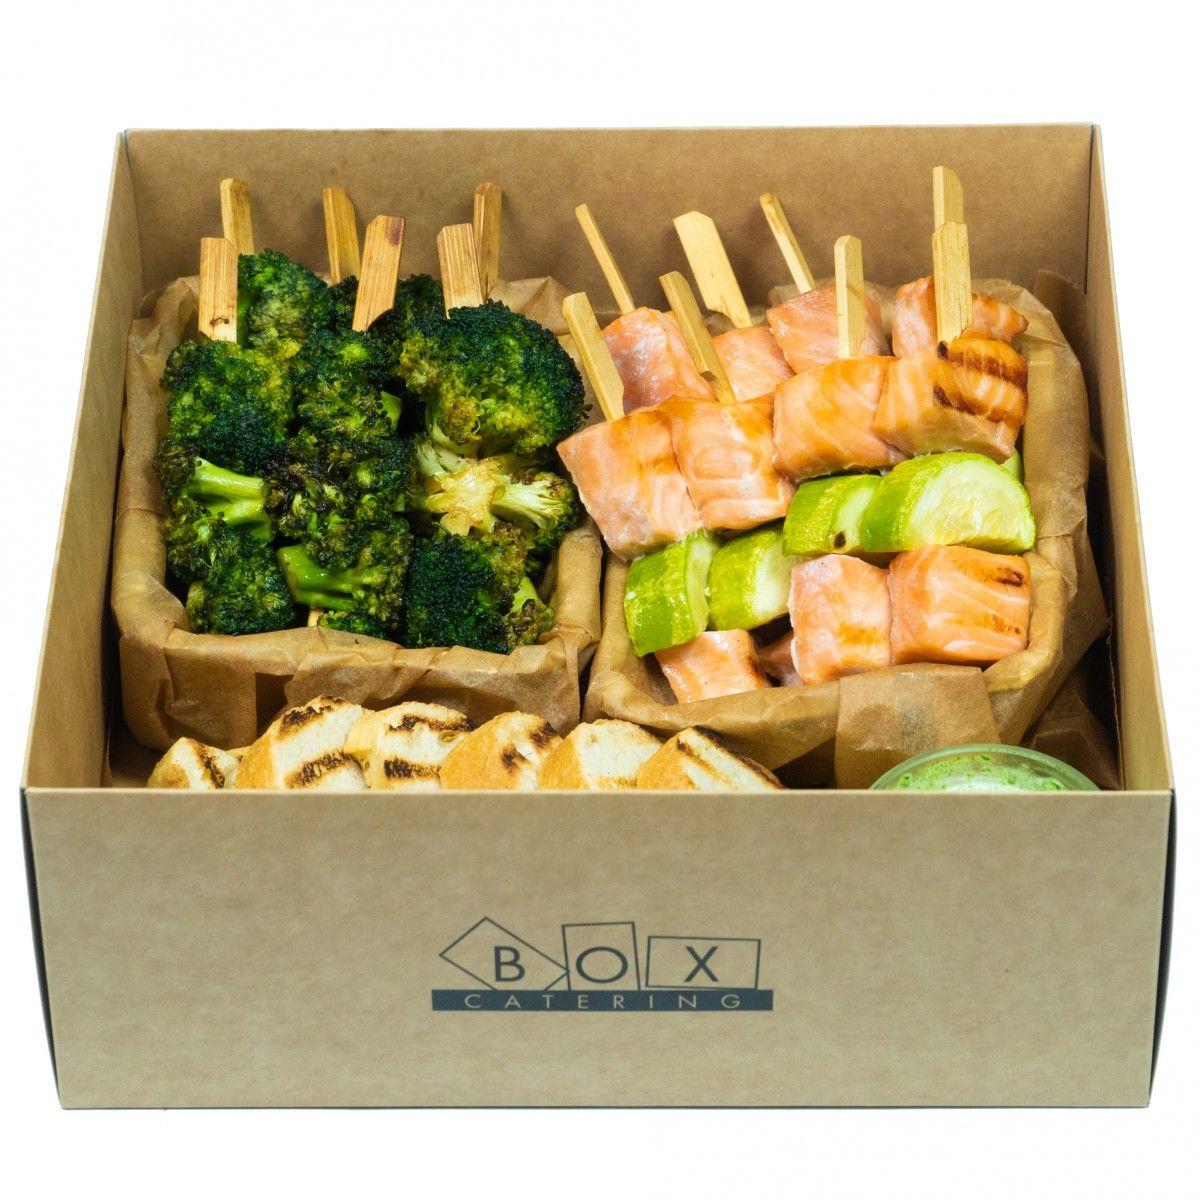 Hot Fish лосось smart box фото 2